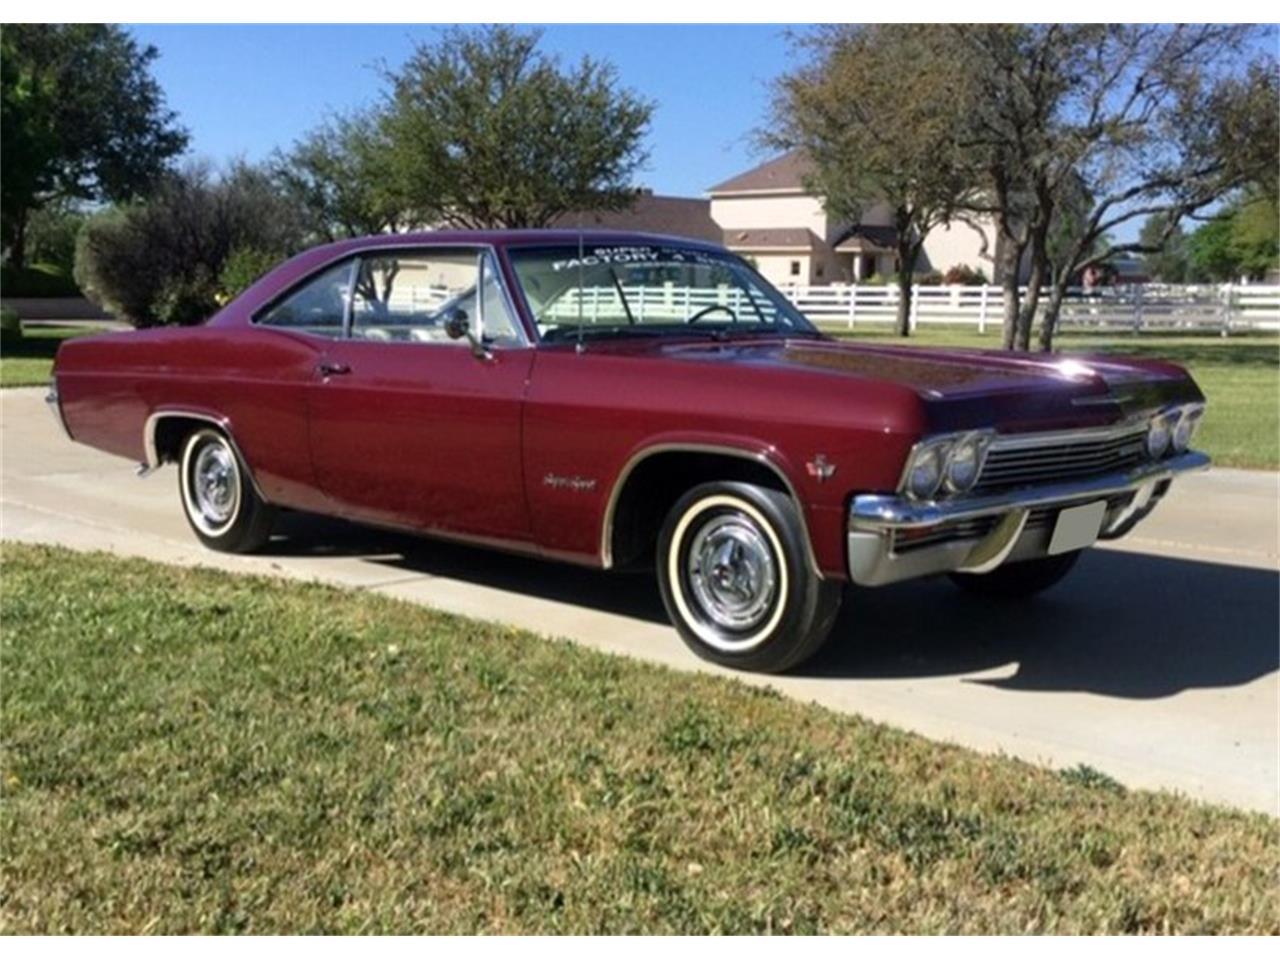 Kelebihan Chevrolet Impala 1965 Spesifikasi